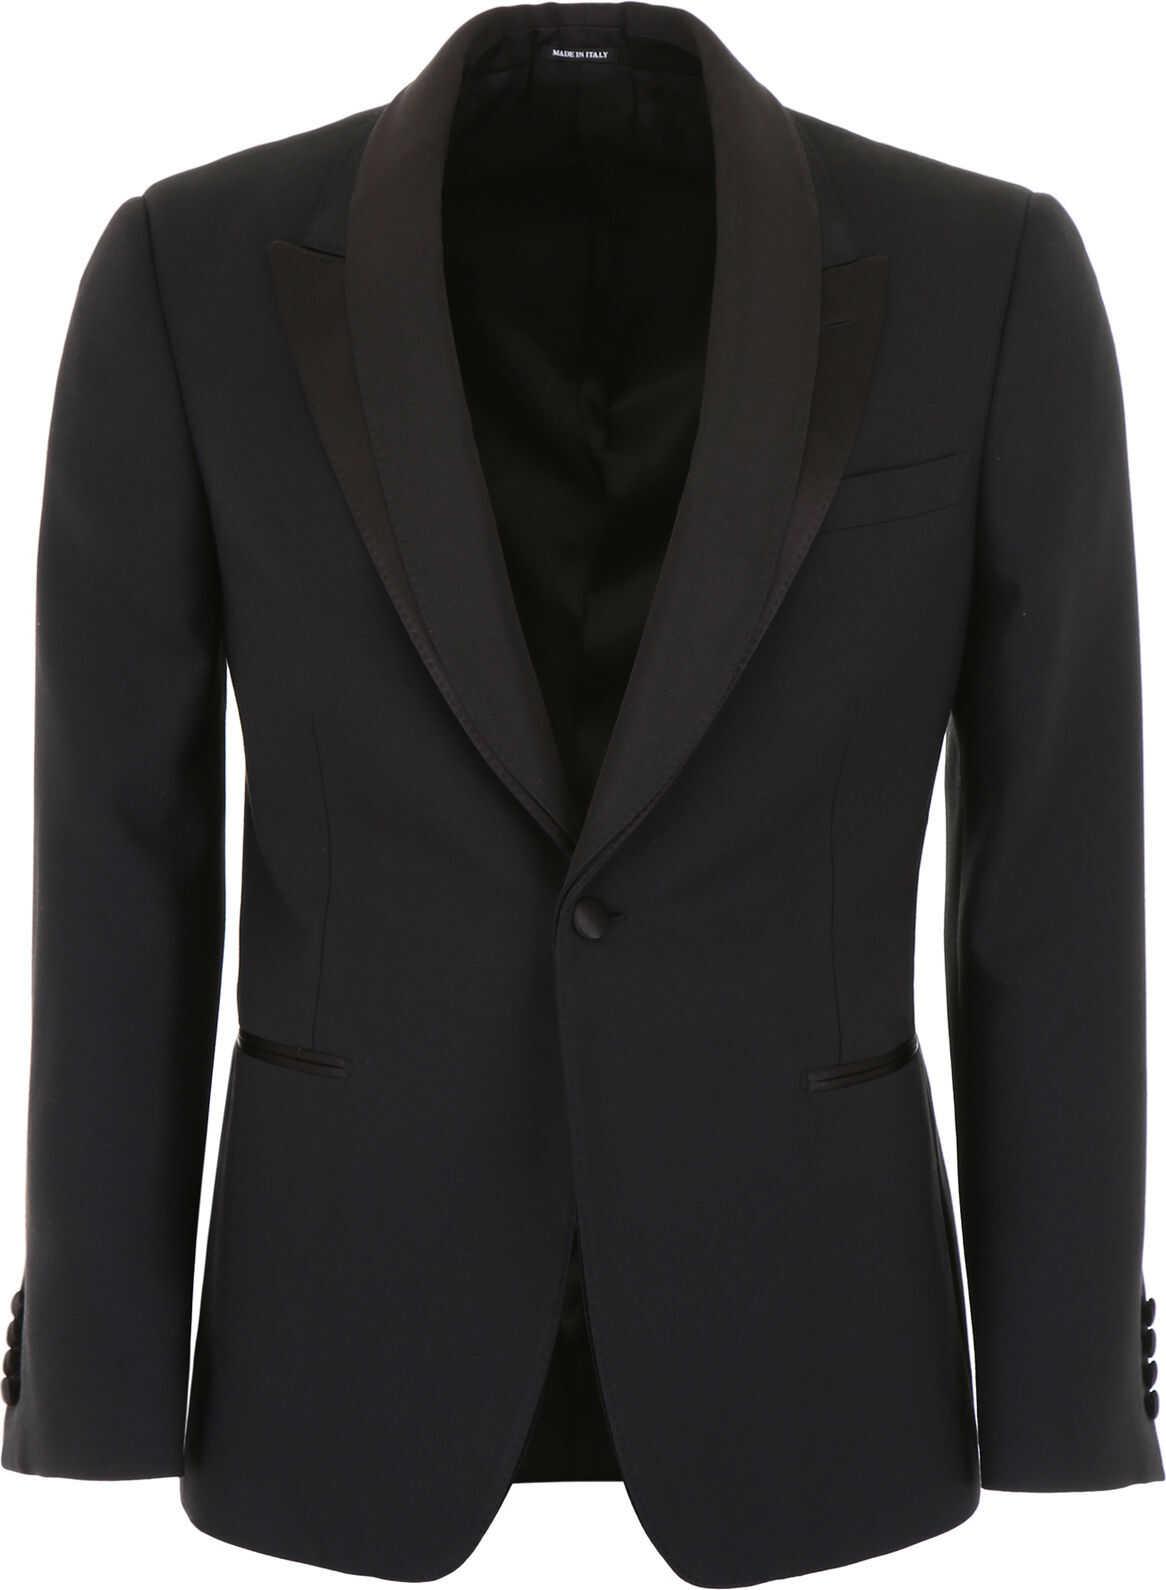 Alexander McQueen Tuxedo Jacket BLACK